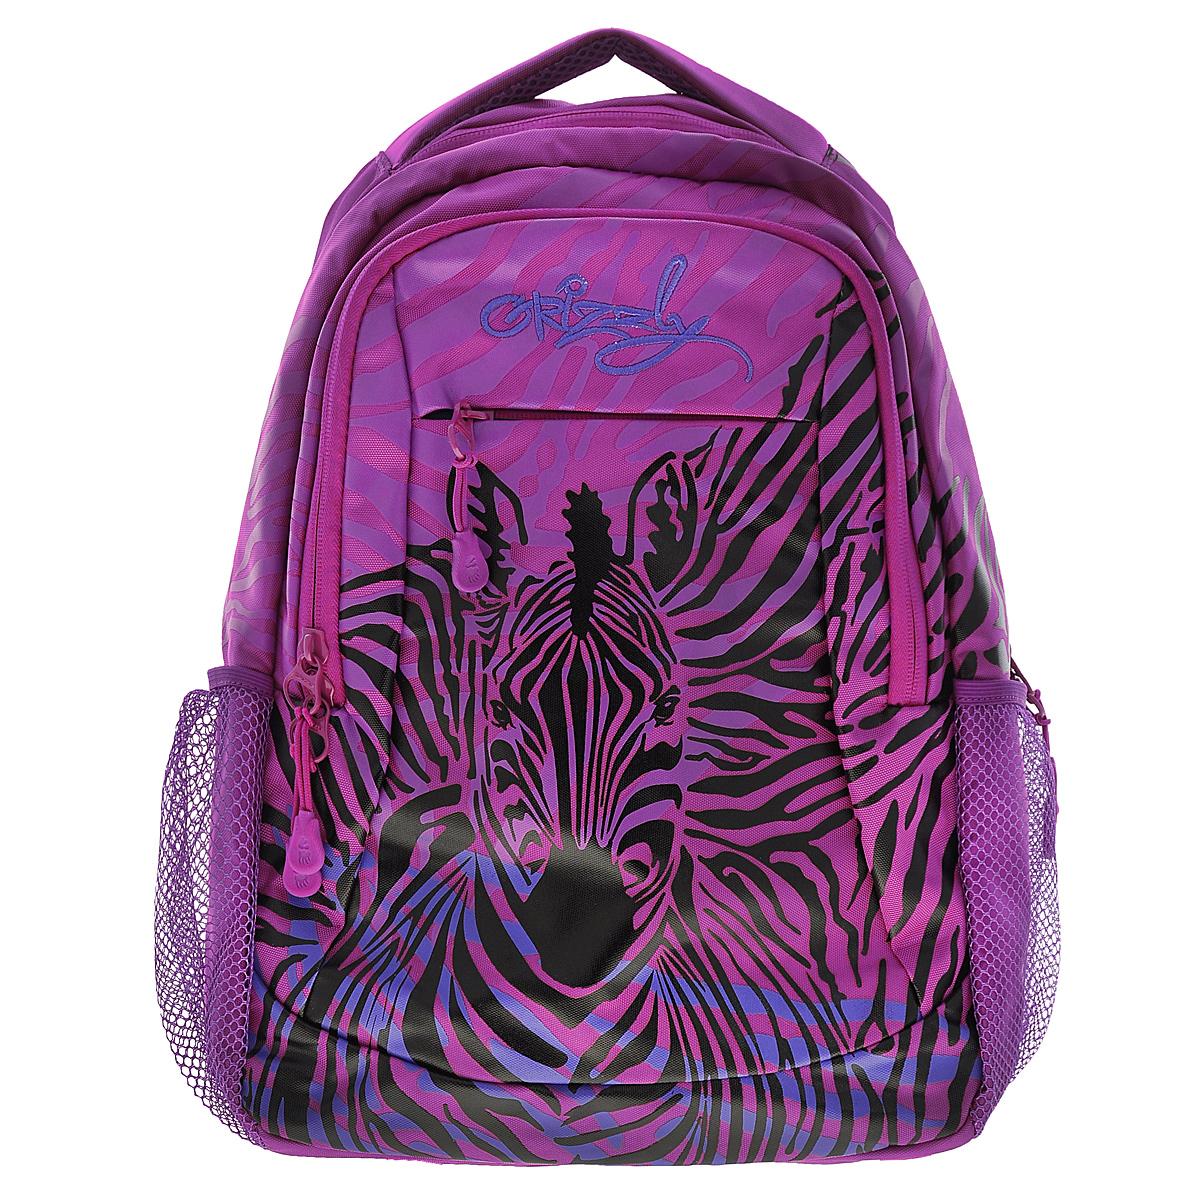 Рюкзак городской Grizzly, цвет: лиловый, черный, 24 л. RD-534-2/1RD-534-2/1Рюкзак Grizzly - это удобный и практичный рюкзак, изготовленный из полиэстера. Рюкзак имеет одно главное и одно дополнительное отделение, которые закрываются на застежку-молнию. Внутри основного отделения - карман на молнии, а внутри дополнительного - сетчатый карман на змейке и четыре кармашка для письменных принадлежностей. По бокам рюкзака - два сетчатых кармана на резинке, а на передней панели - небольшой кармашек на молнии. Модель имеет укрепленную спинку с мягкими рельефными вставками и анатомическими лямками, а также ручку для переноски. Такой рюкзак - практичное и стильное приобретение на каждый день.